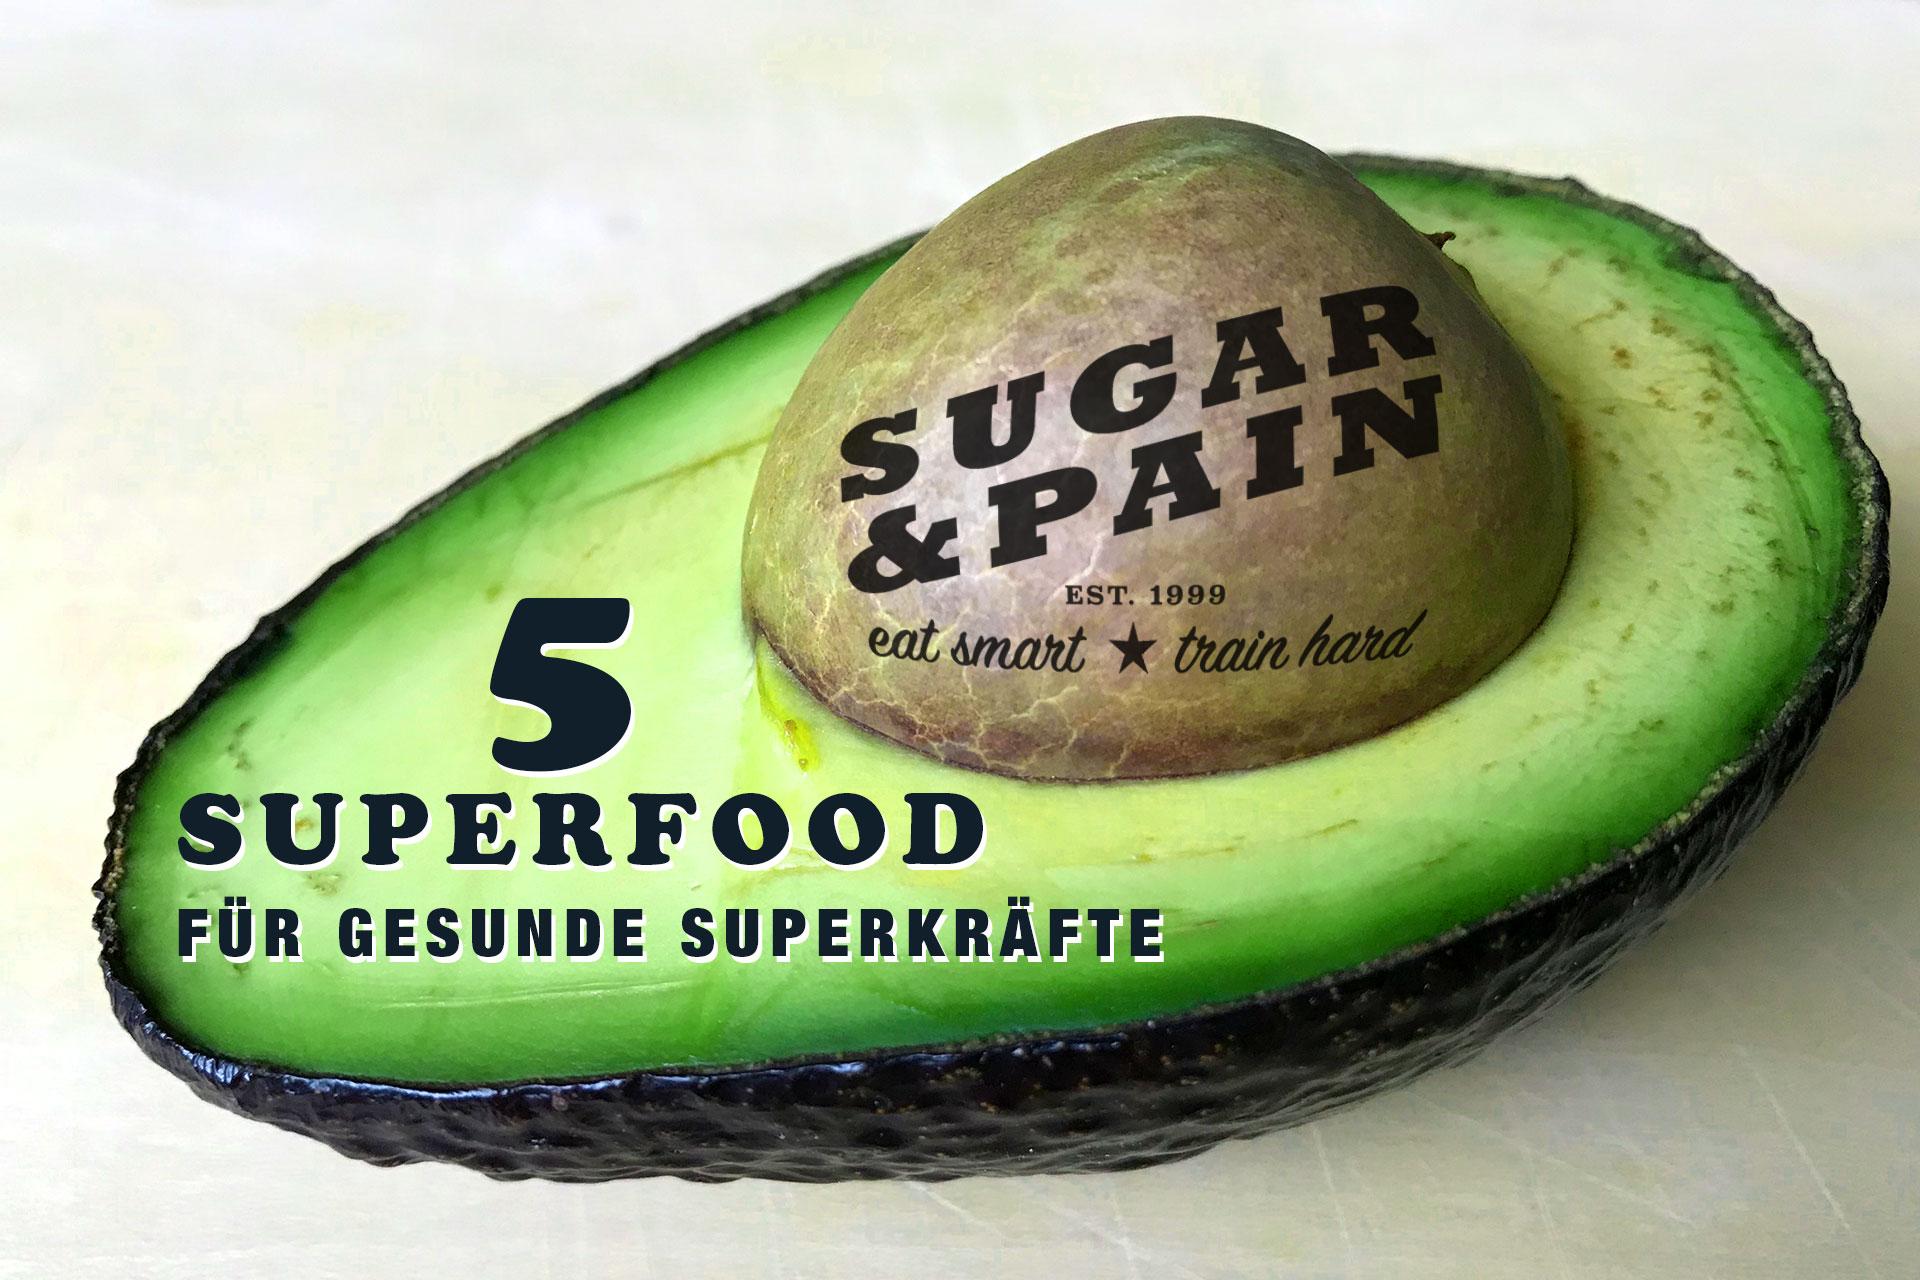 ERNÄHRUNG UND GESUNDHEIT 5 Superfood für gesunde Superkräfte